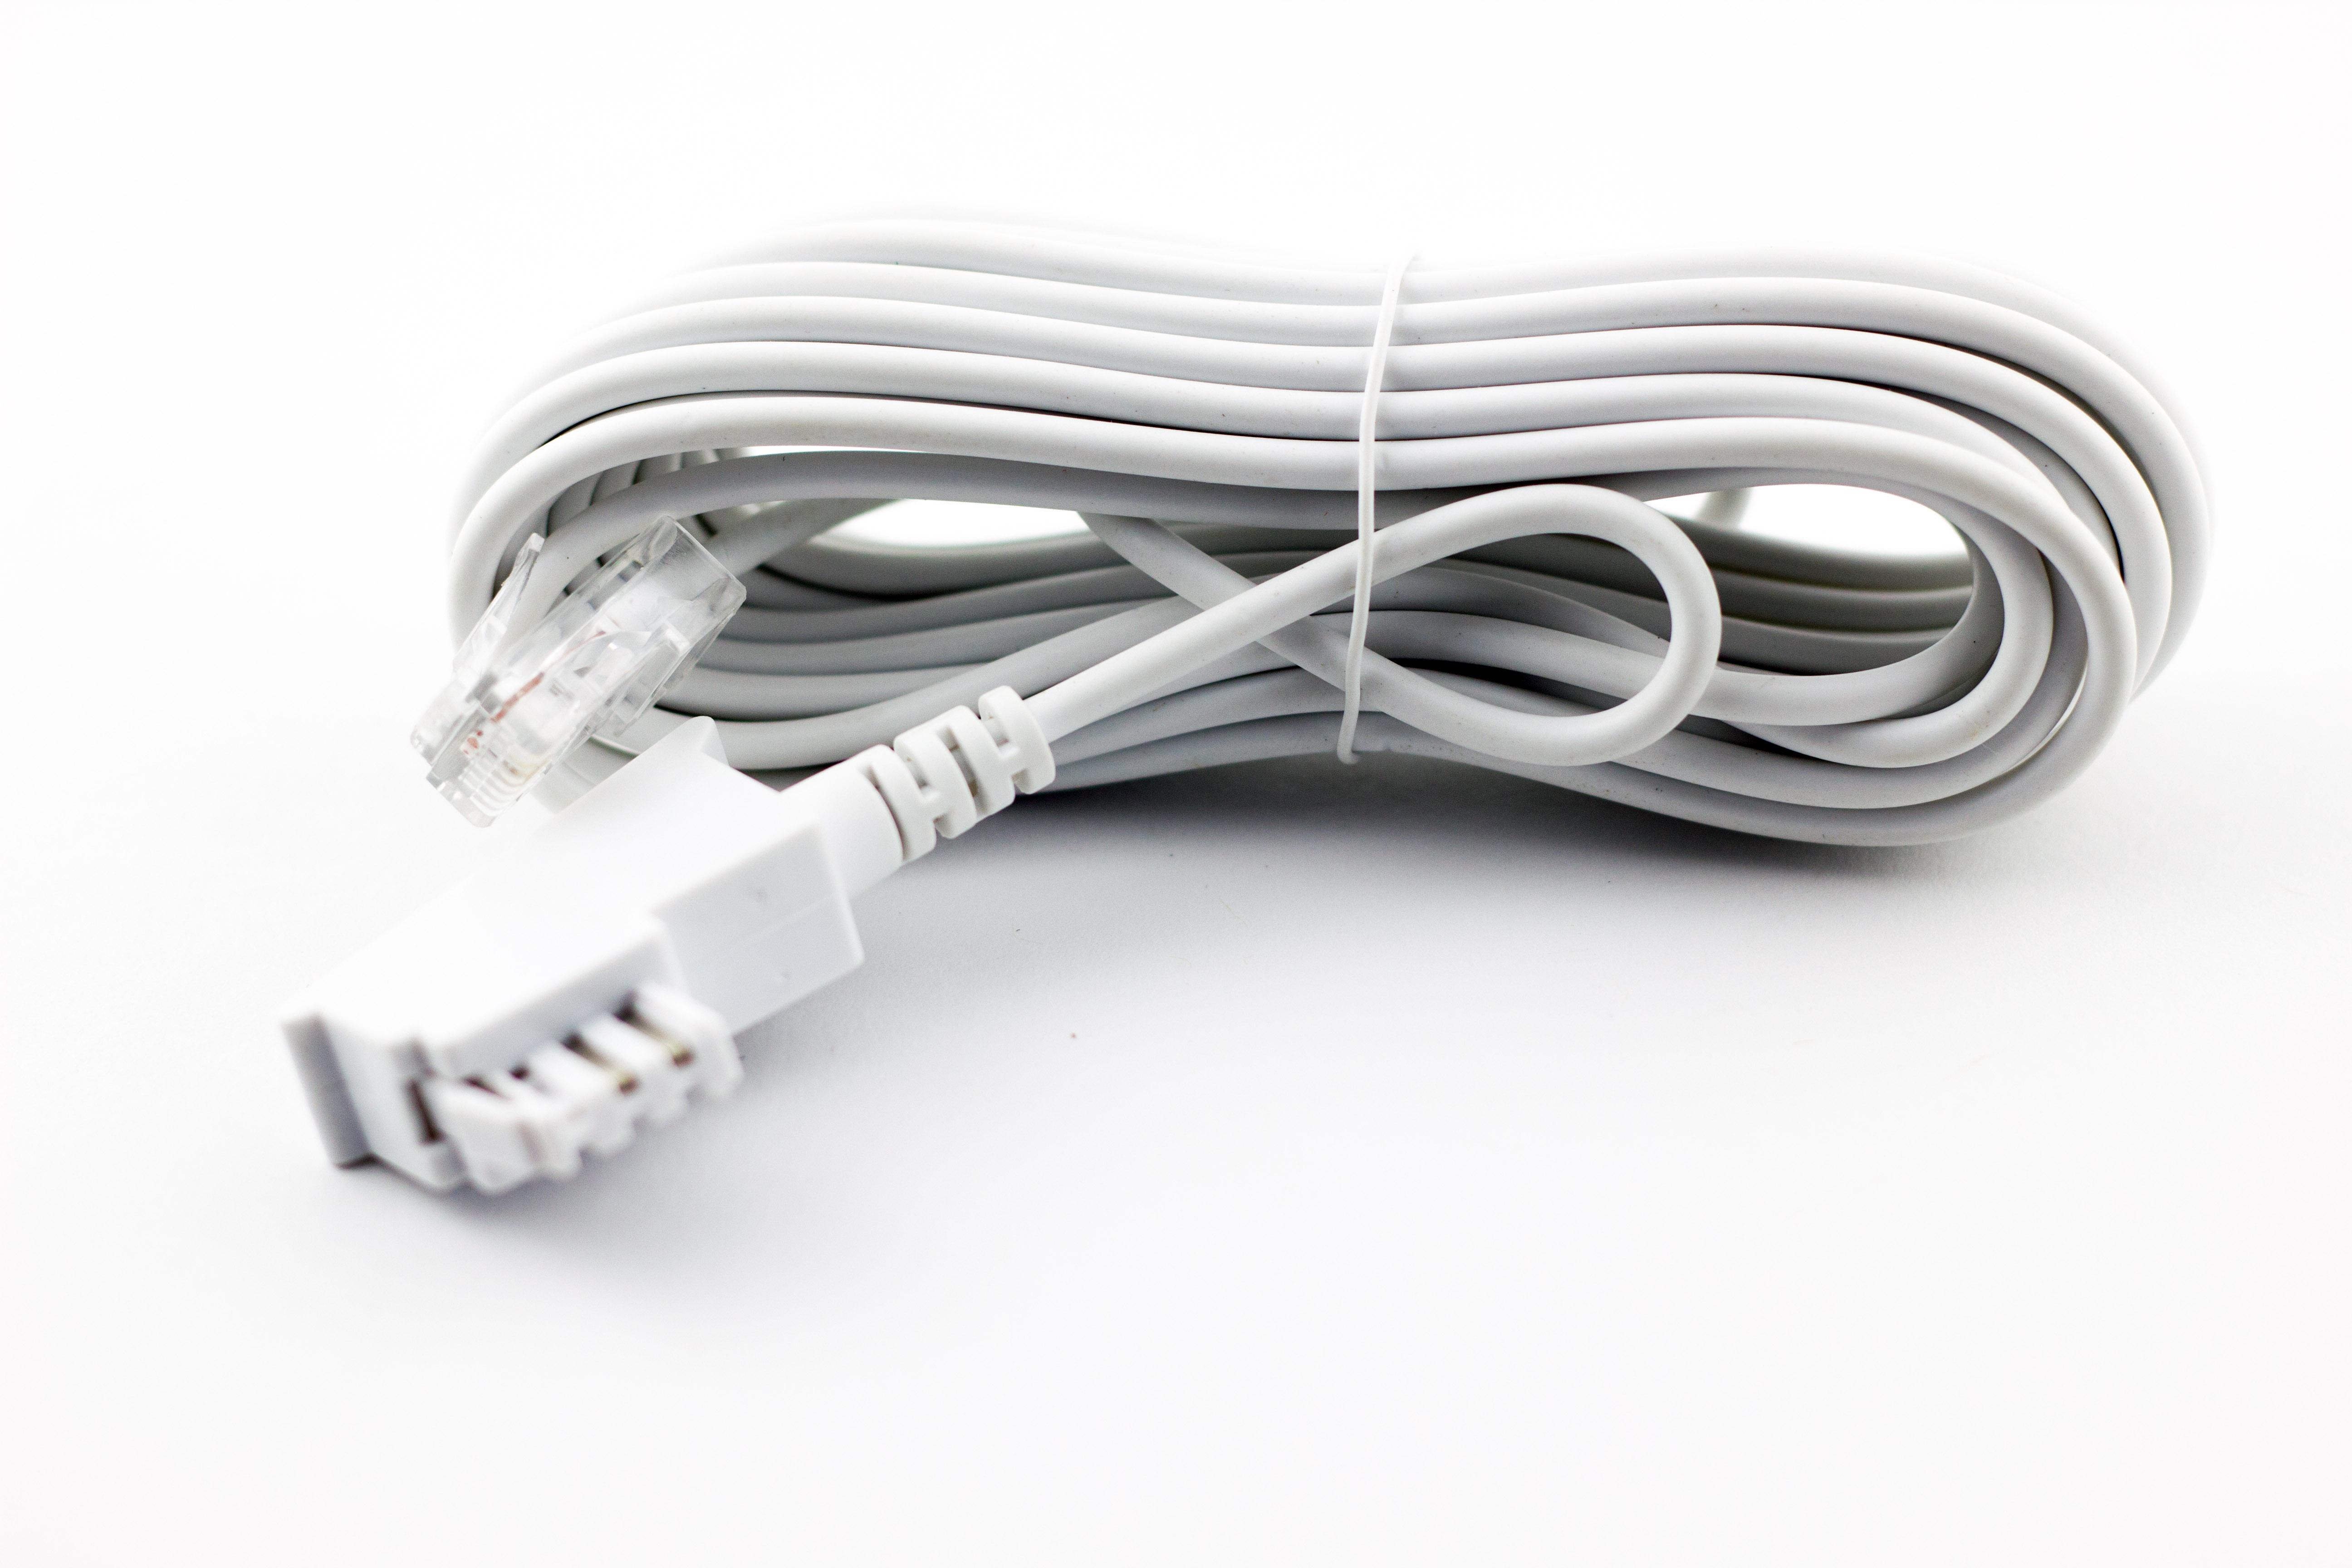 5m dsl ip kabel avm fritzboxen 7390 7490 7360sl 7362sl 7330sl 7320 7270 7240 wei. Black Bedroom Furniture Sets. Home Design Ideas